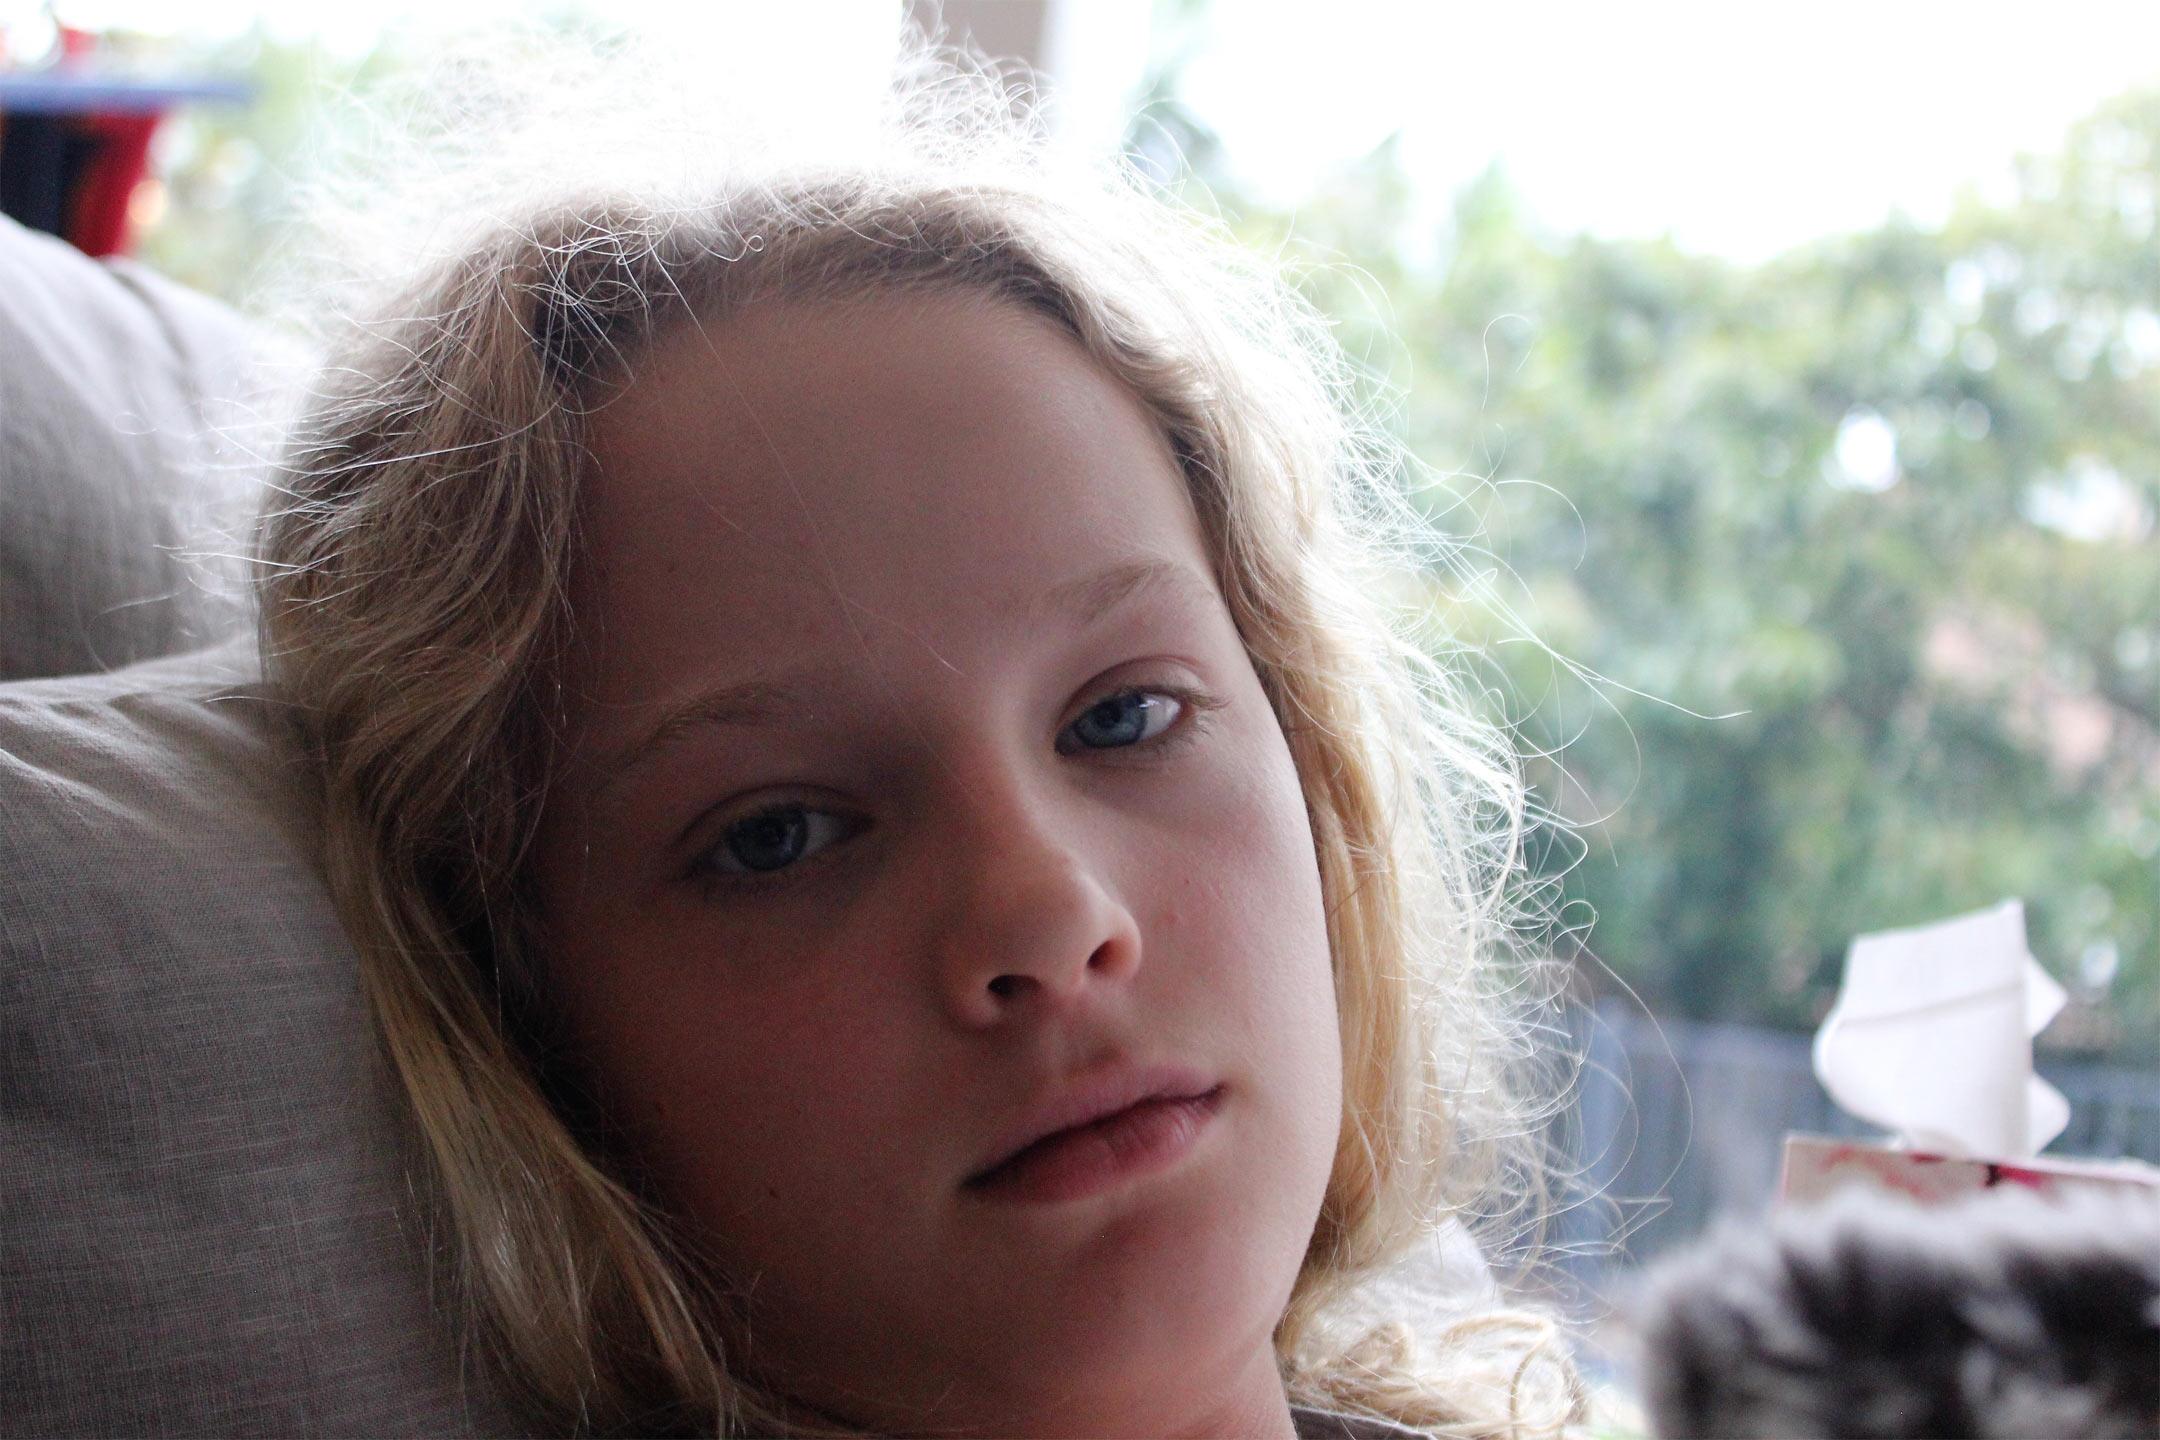 sick-teen-closeup2160